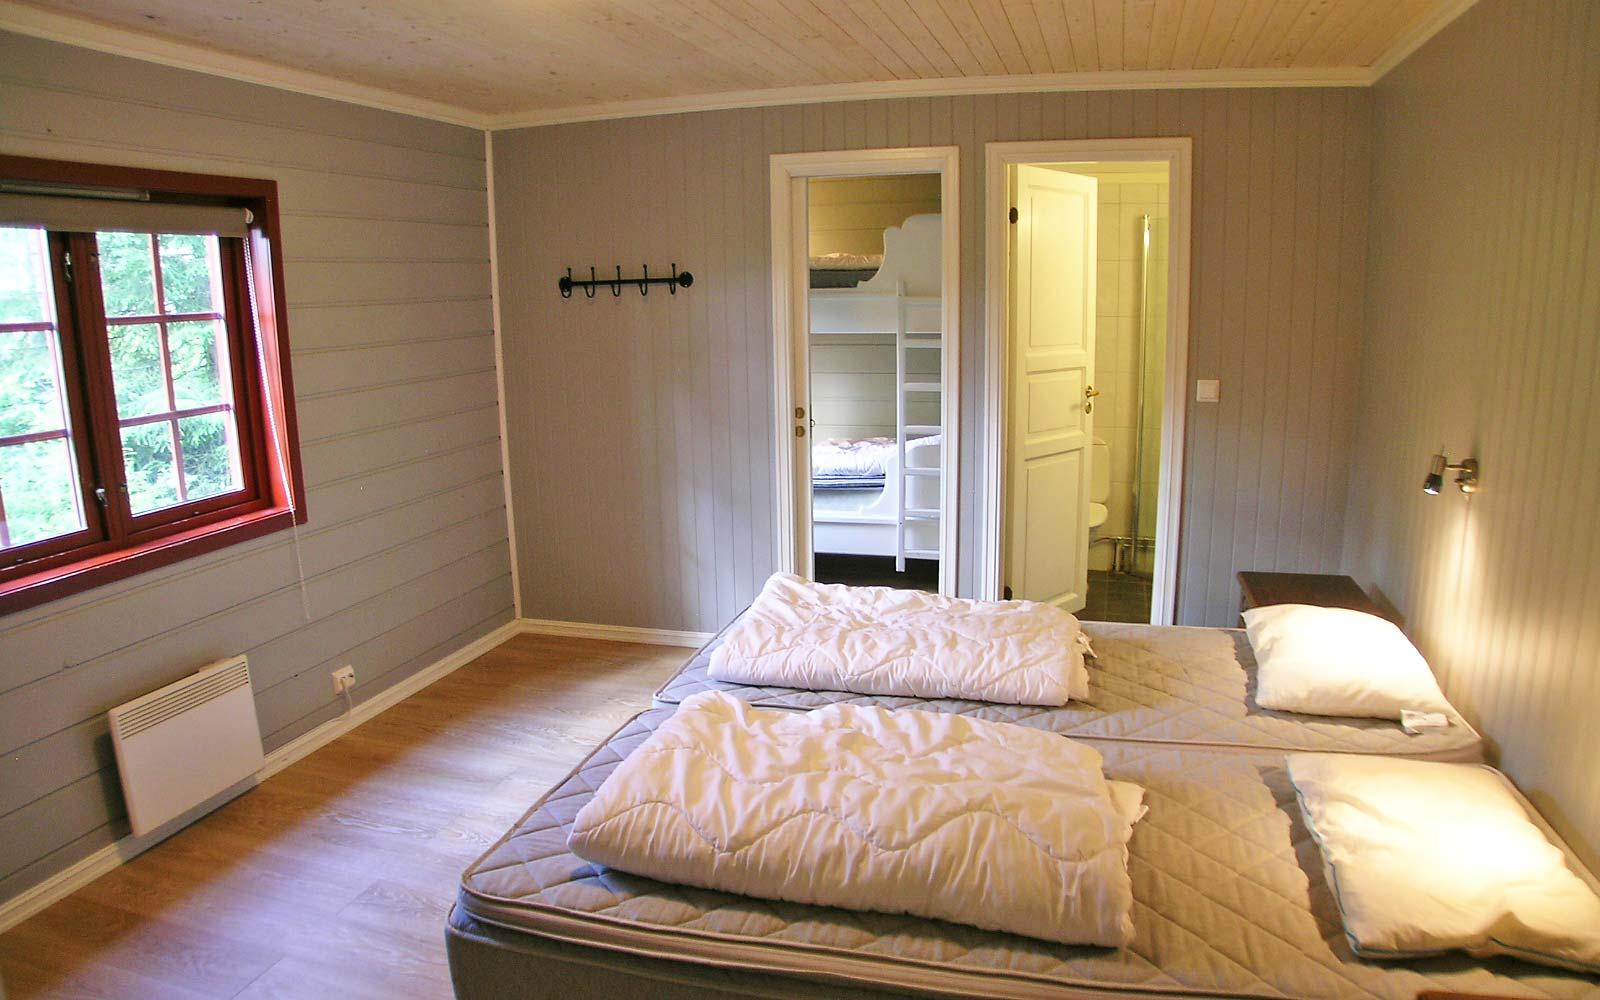 Soverom Pulken hytte Vesleskogen Sjumilskogen booking Trysil